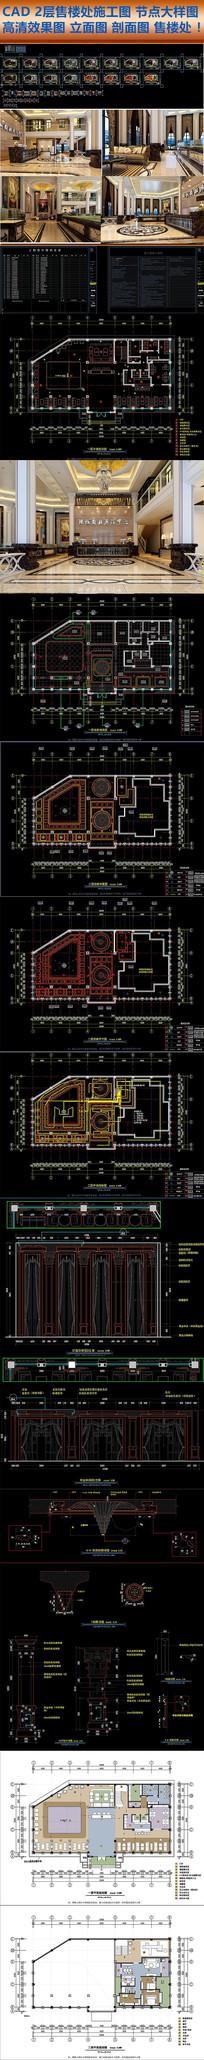 CAD售楼处装修施工图效果图